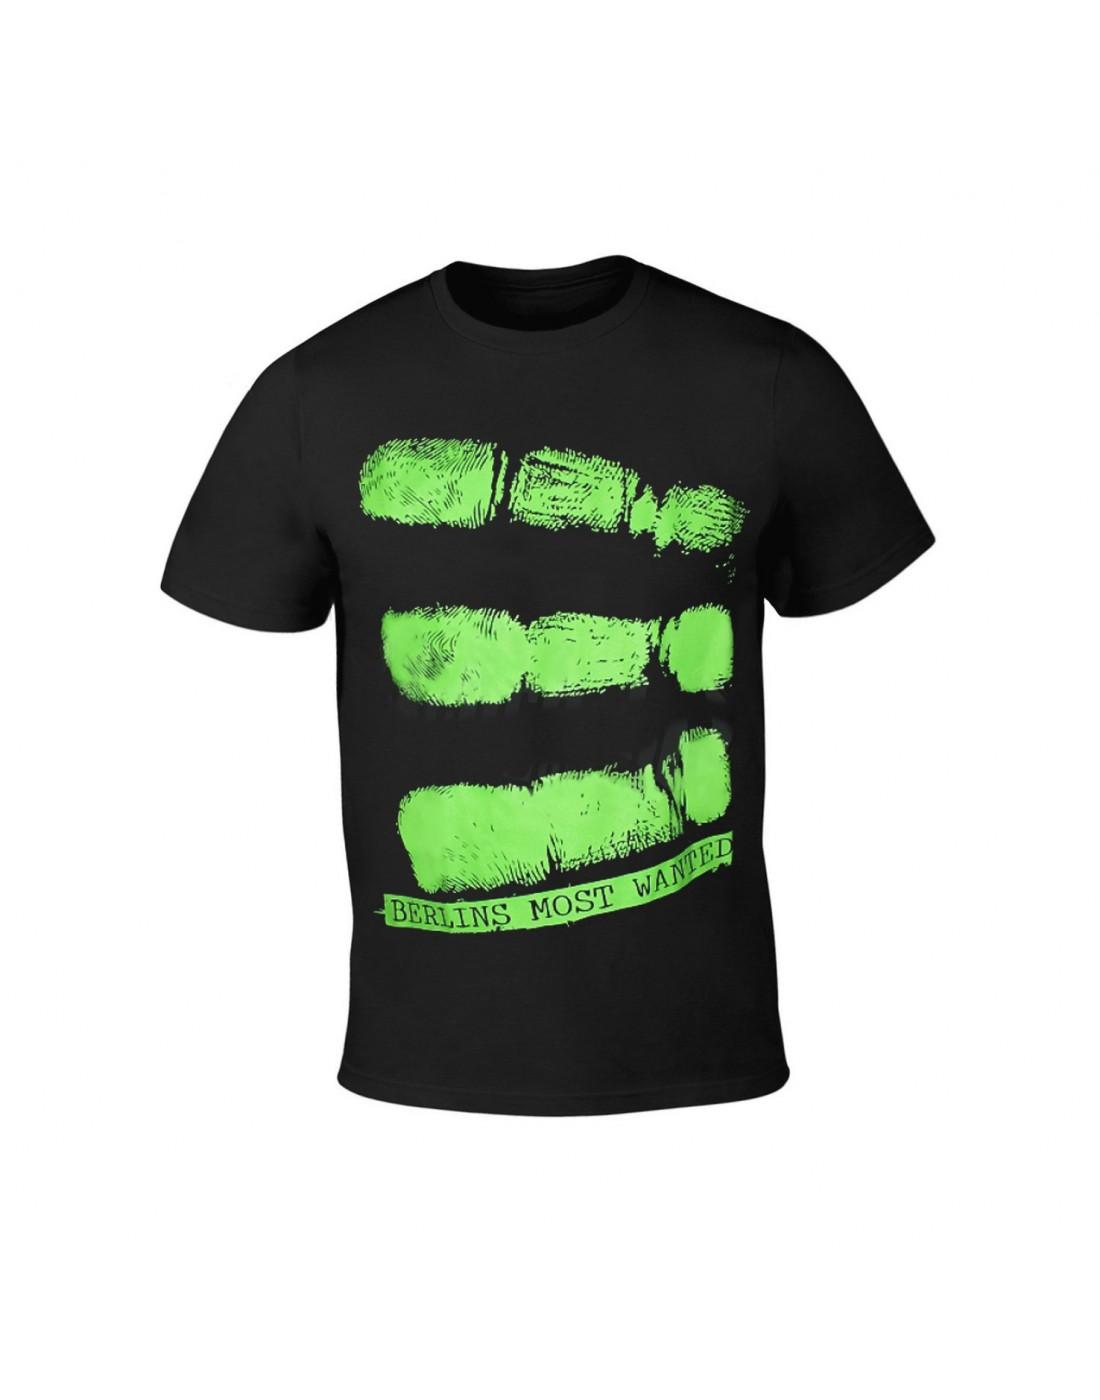 EASYdoesit T-Shirt Black on Black